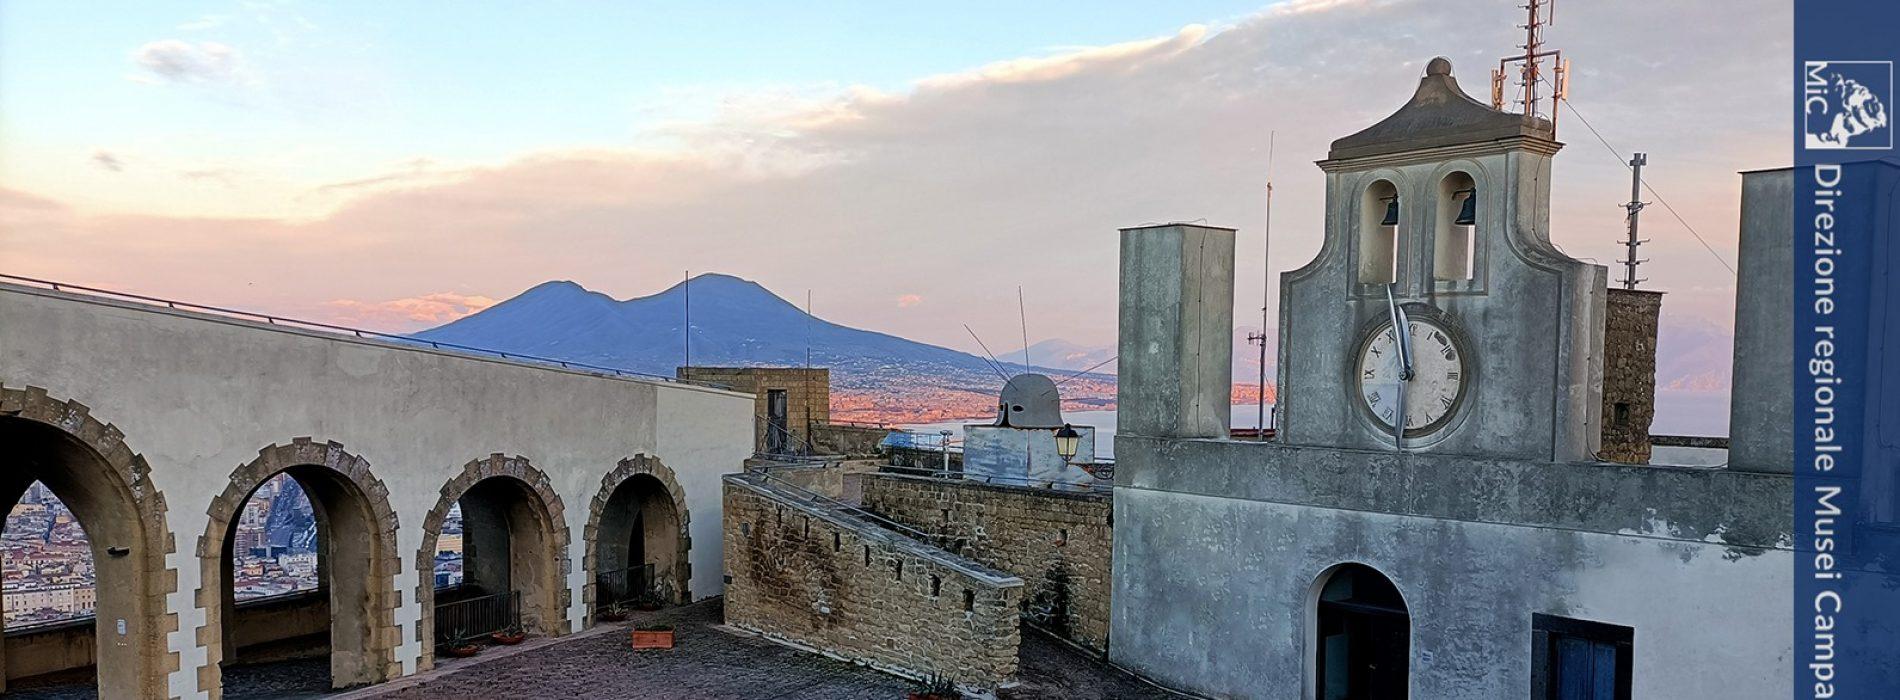 Giornate Europee del patrimonio, Castel Sant'Elmo presente